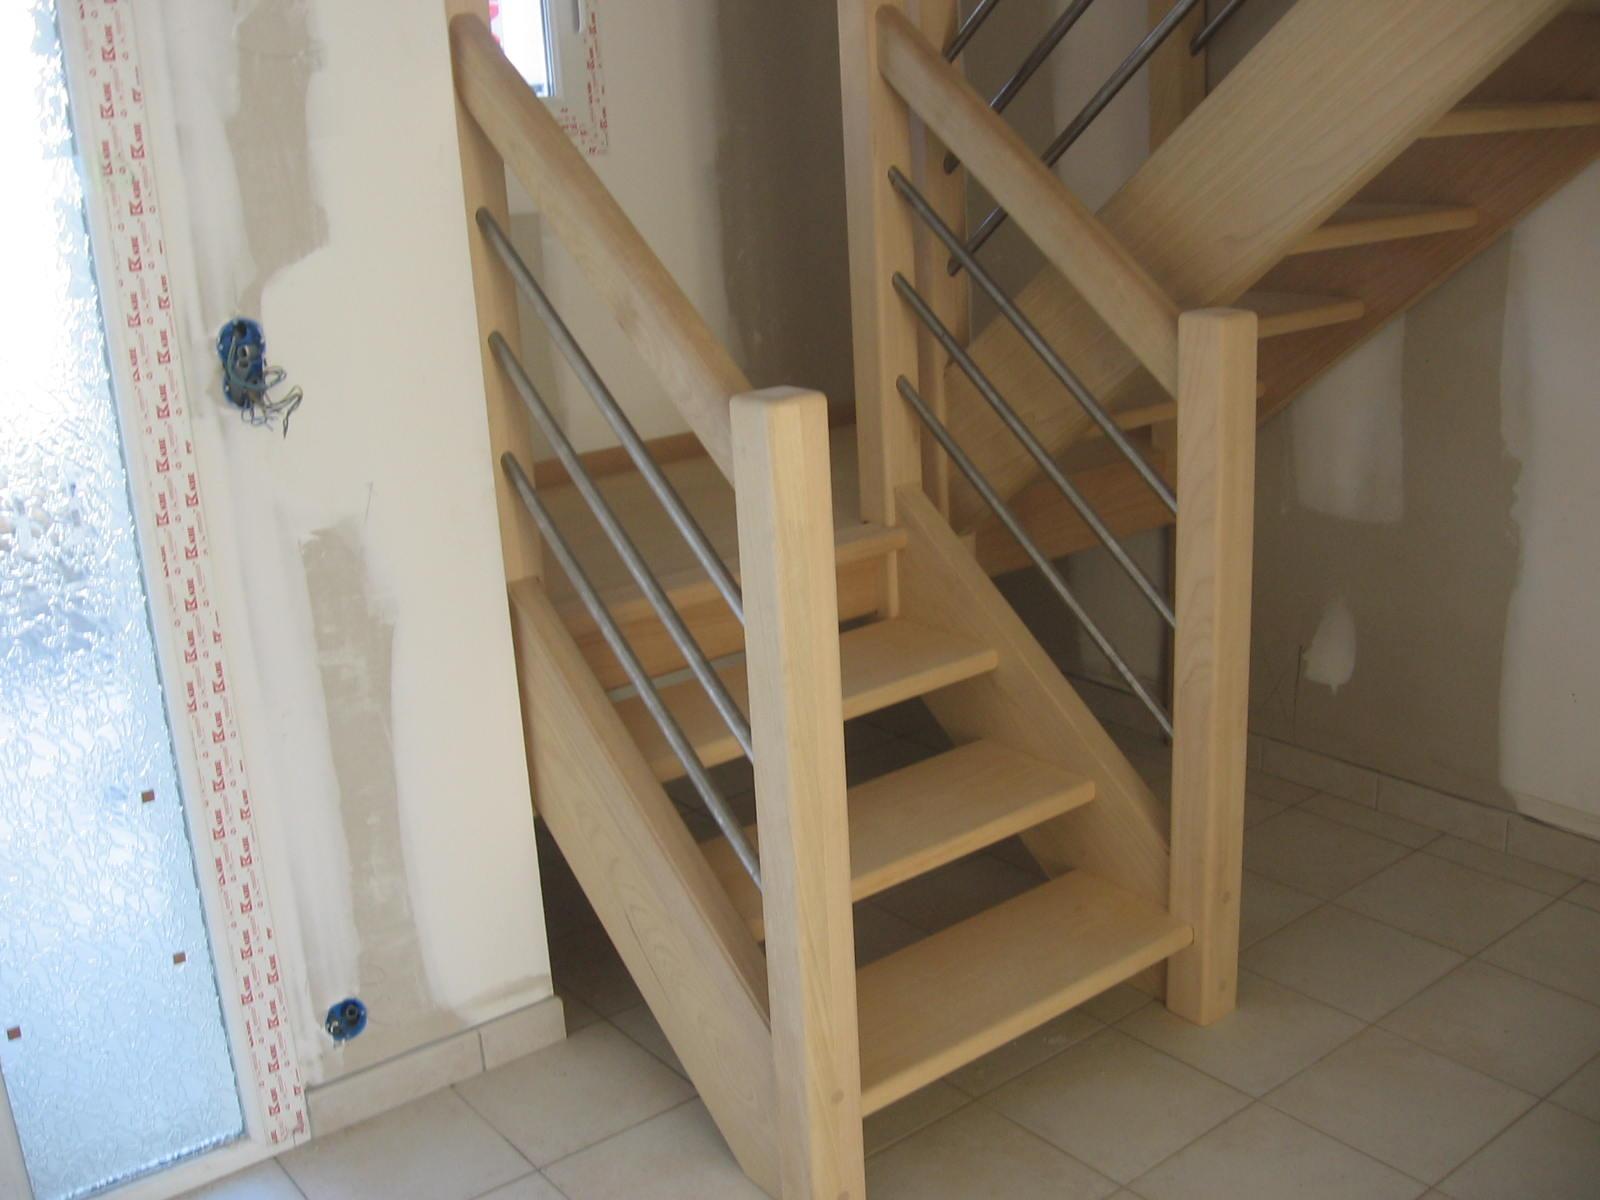 peinture pour escalier bois exotique On peinture pour escalier bois exotique